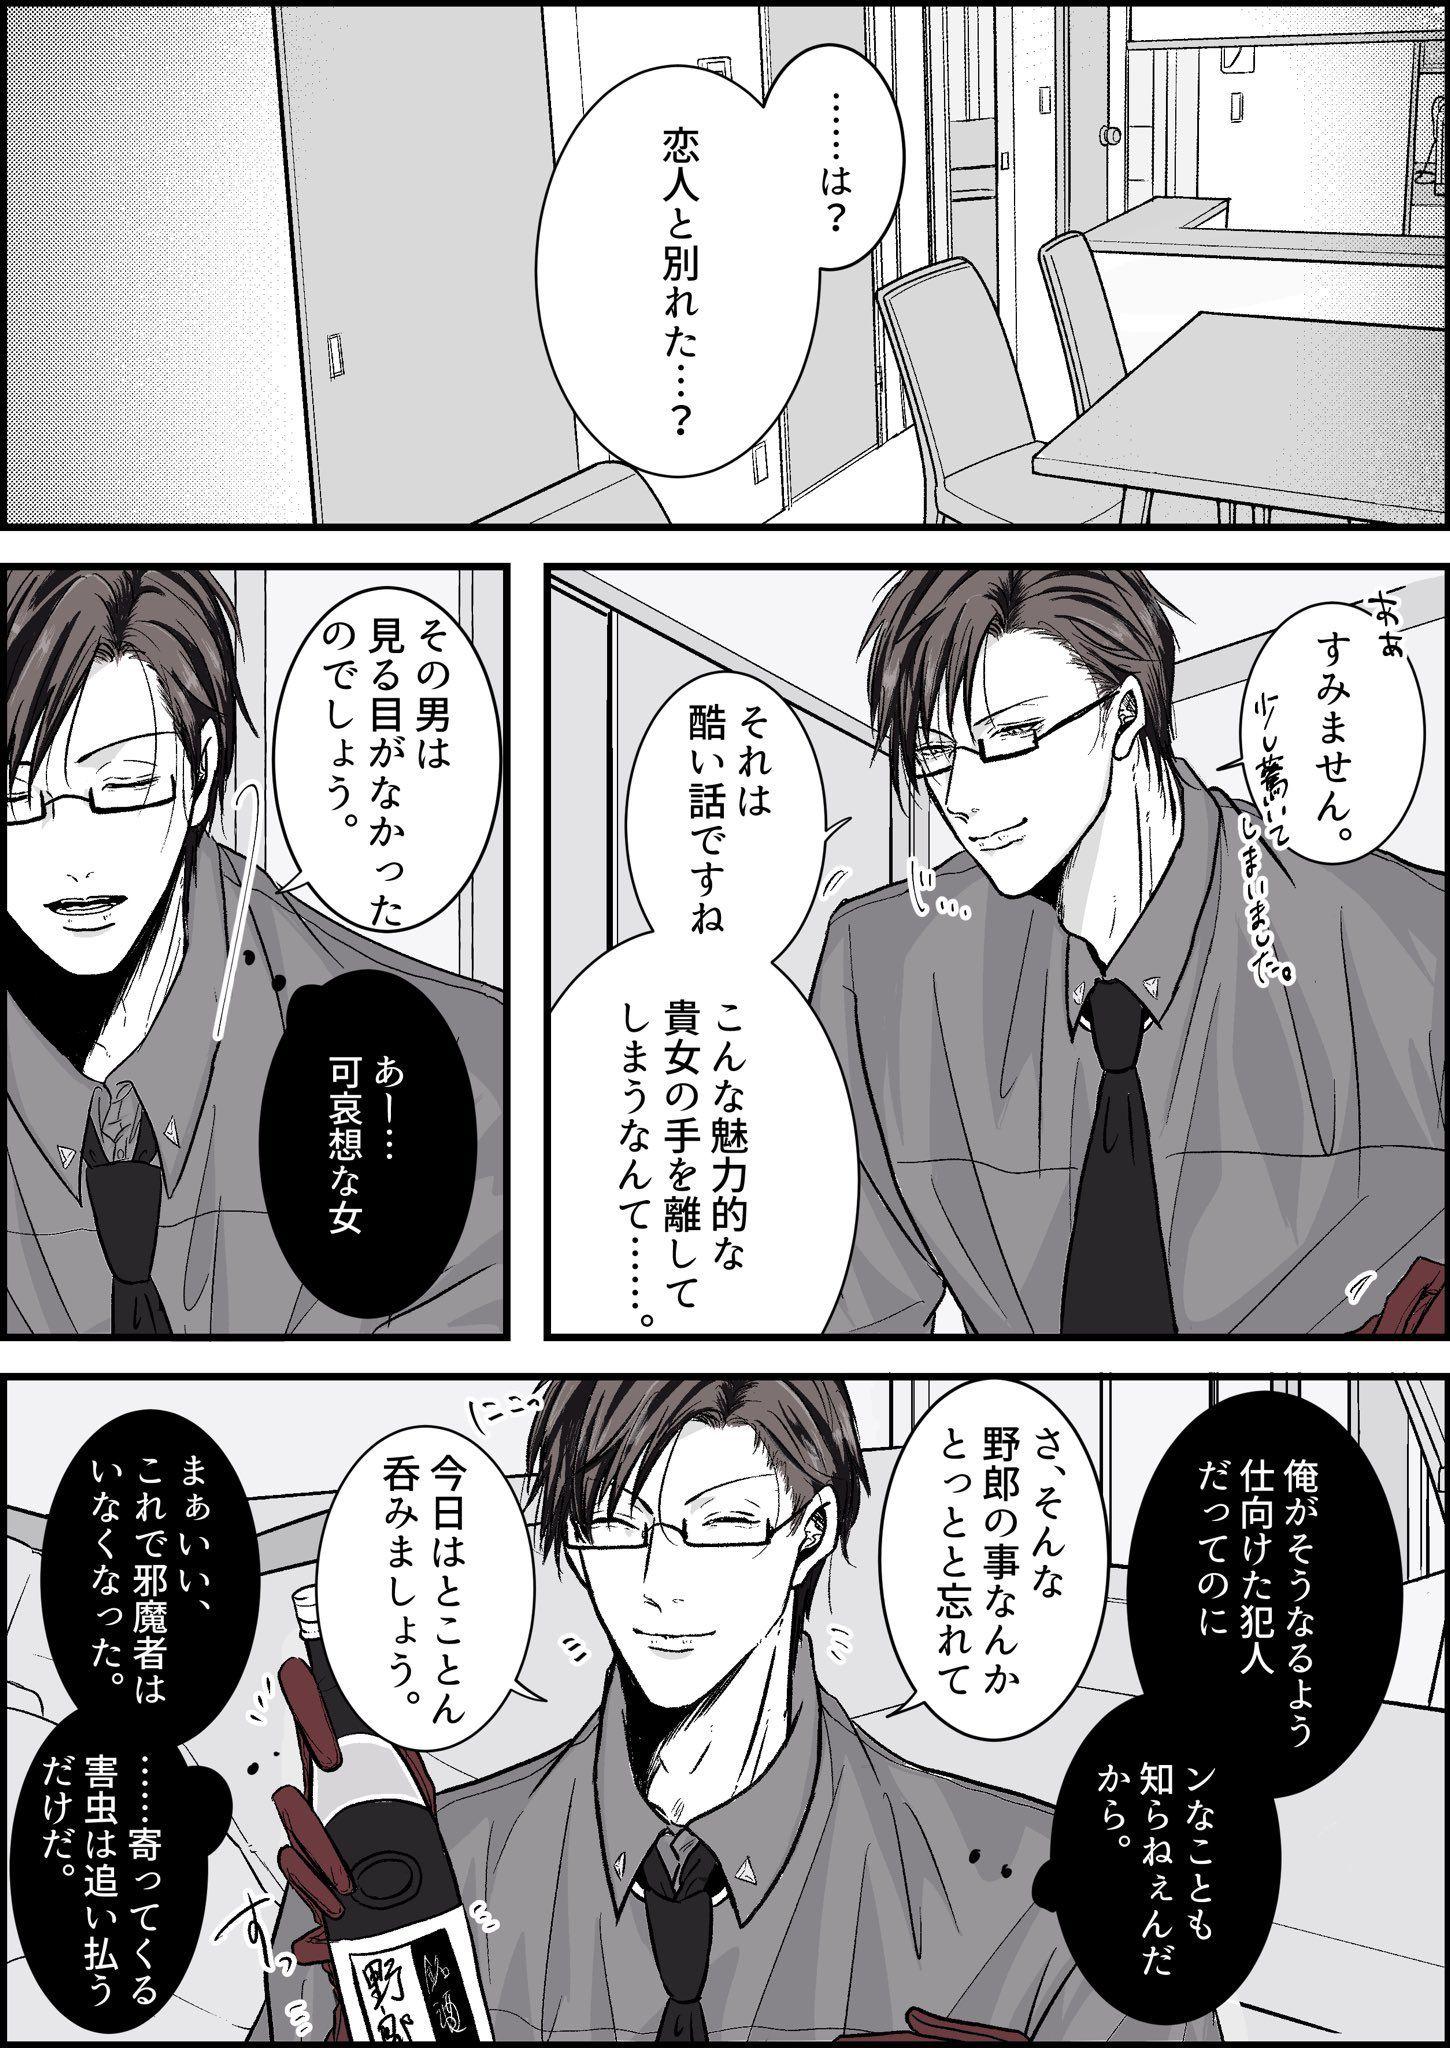 ジョジョ 夢 小説 JOJO【夢】 (じょじょゆめ)とは【ピクシブ百科事典】